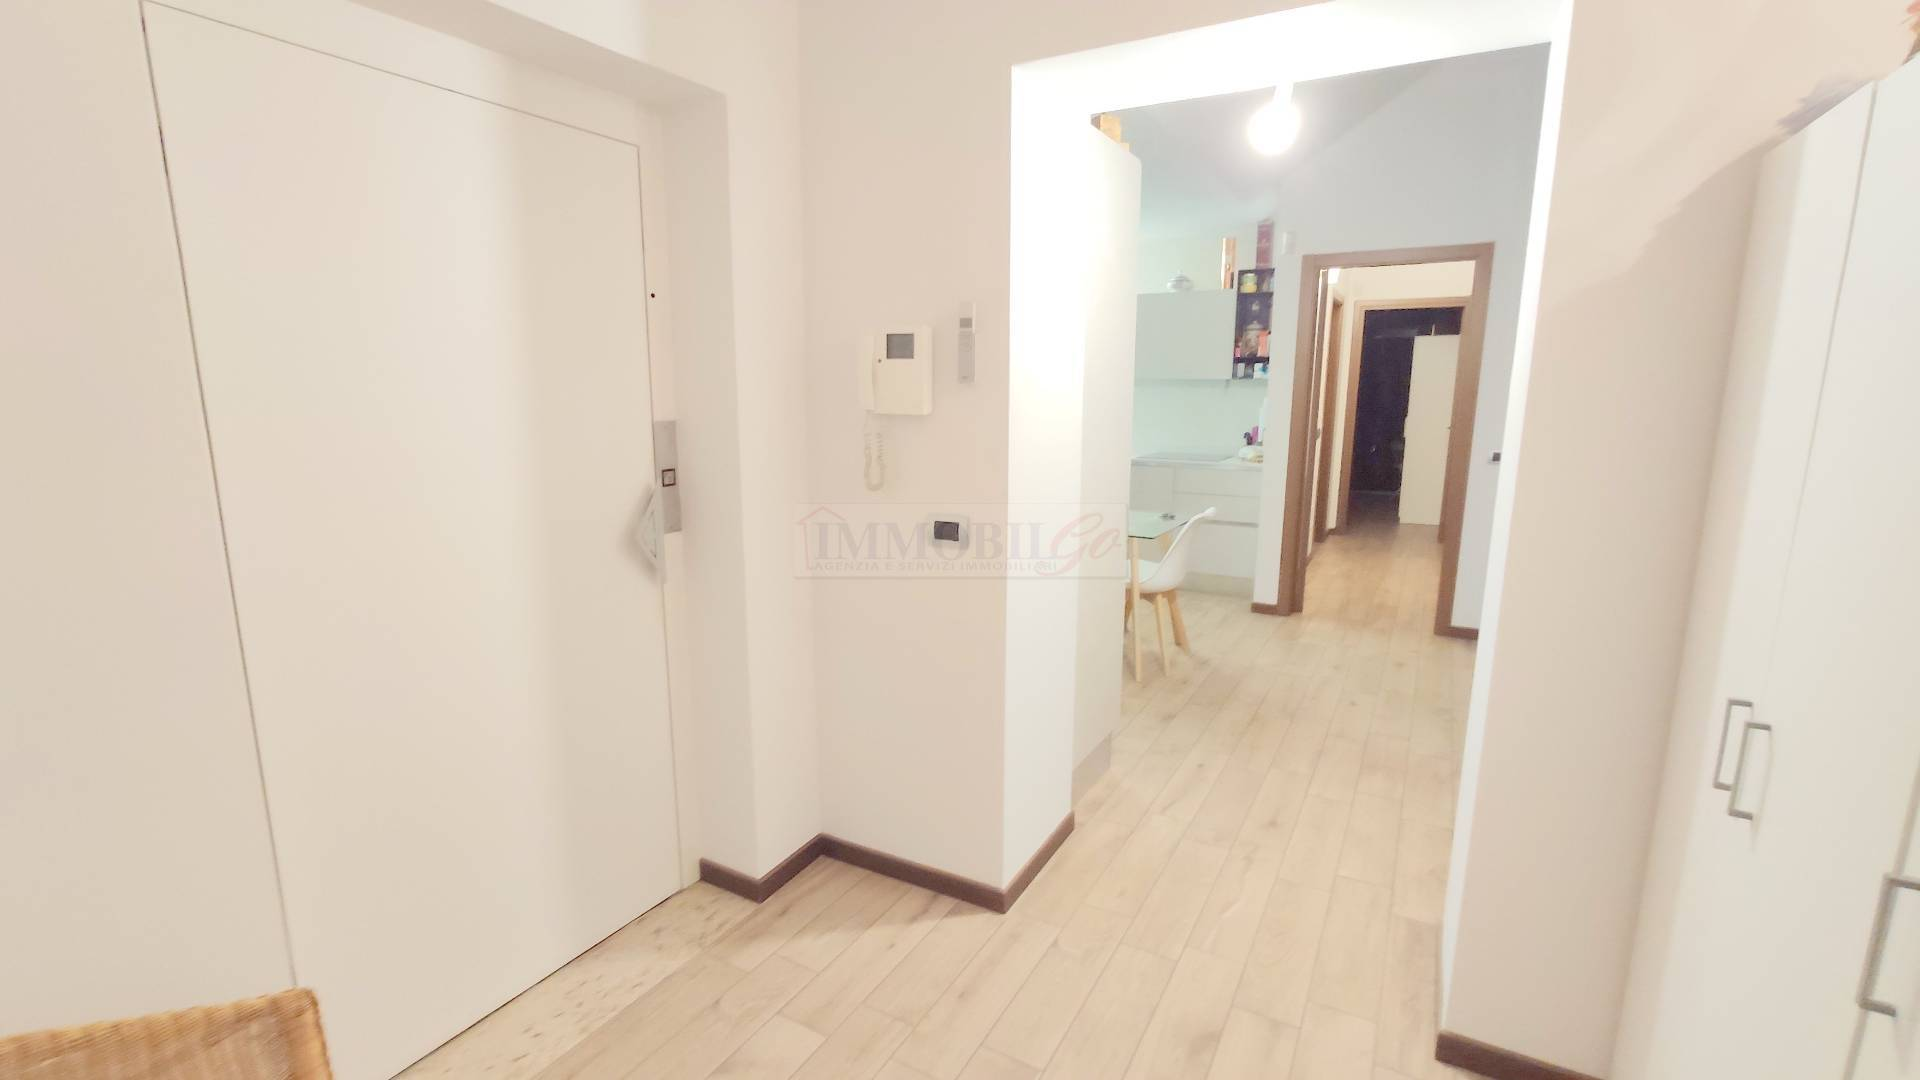 Appartamento in vendita a Mezzago, 3 locali, prezzo € 179.000 | CambioCasa.it